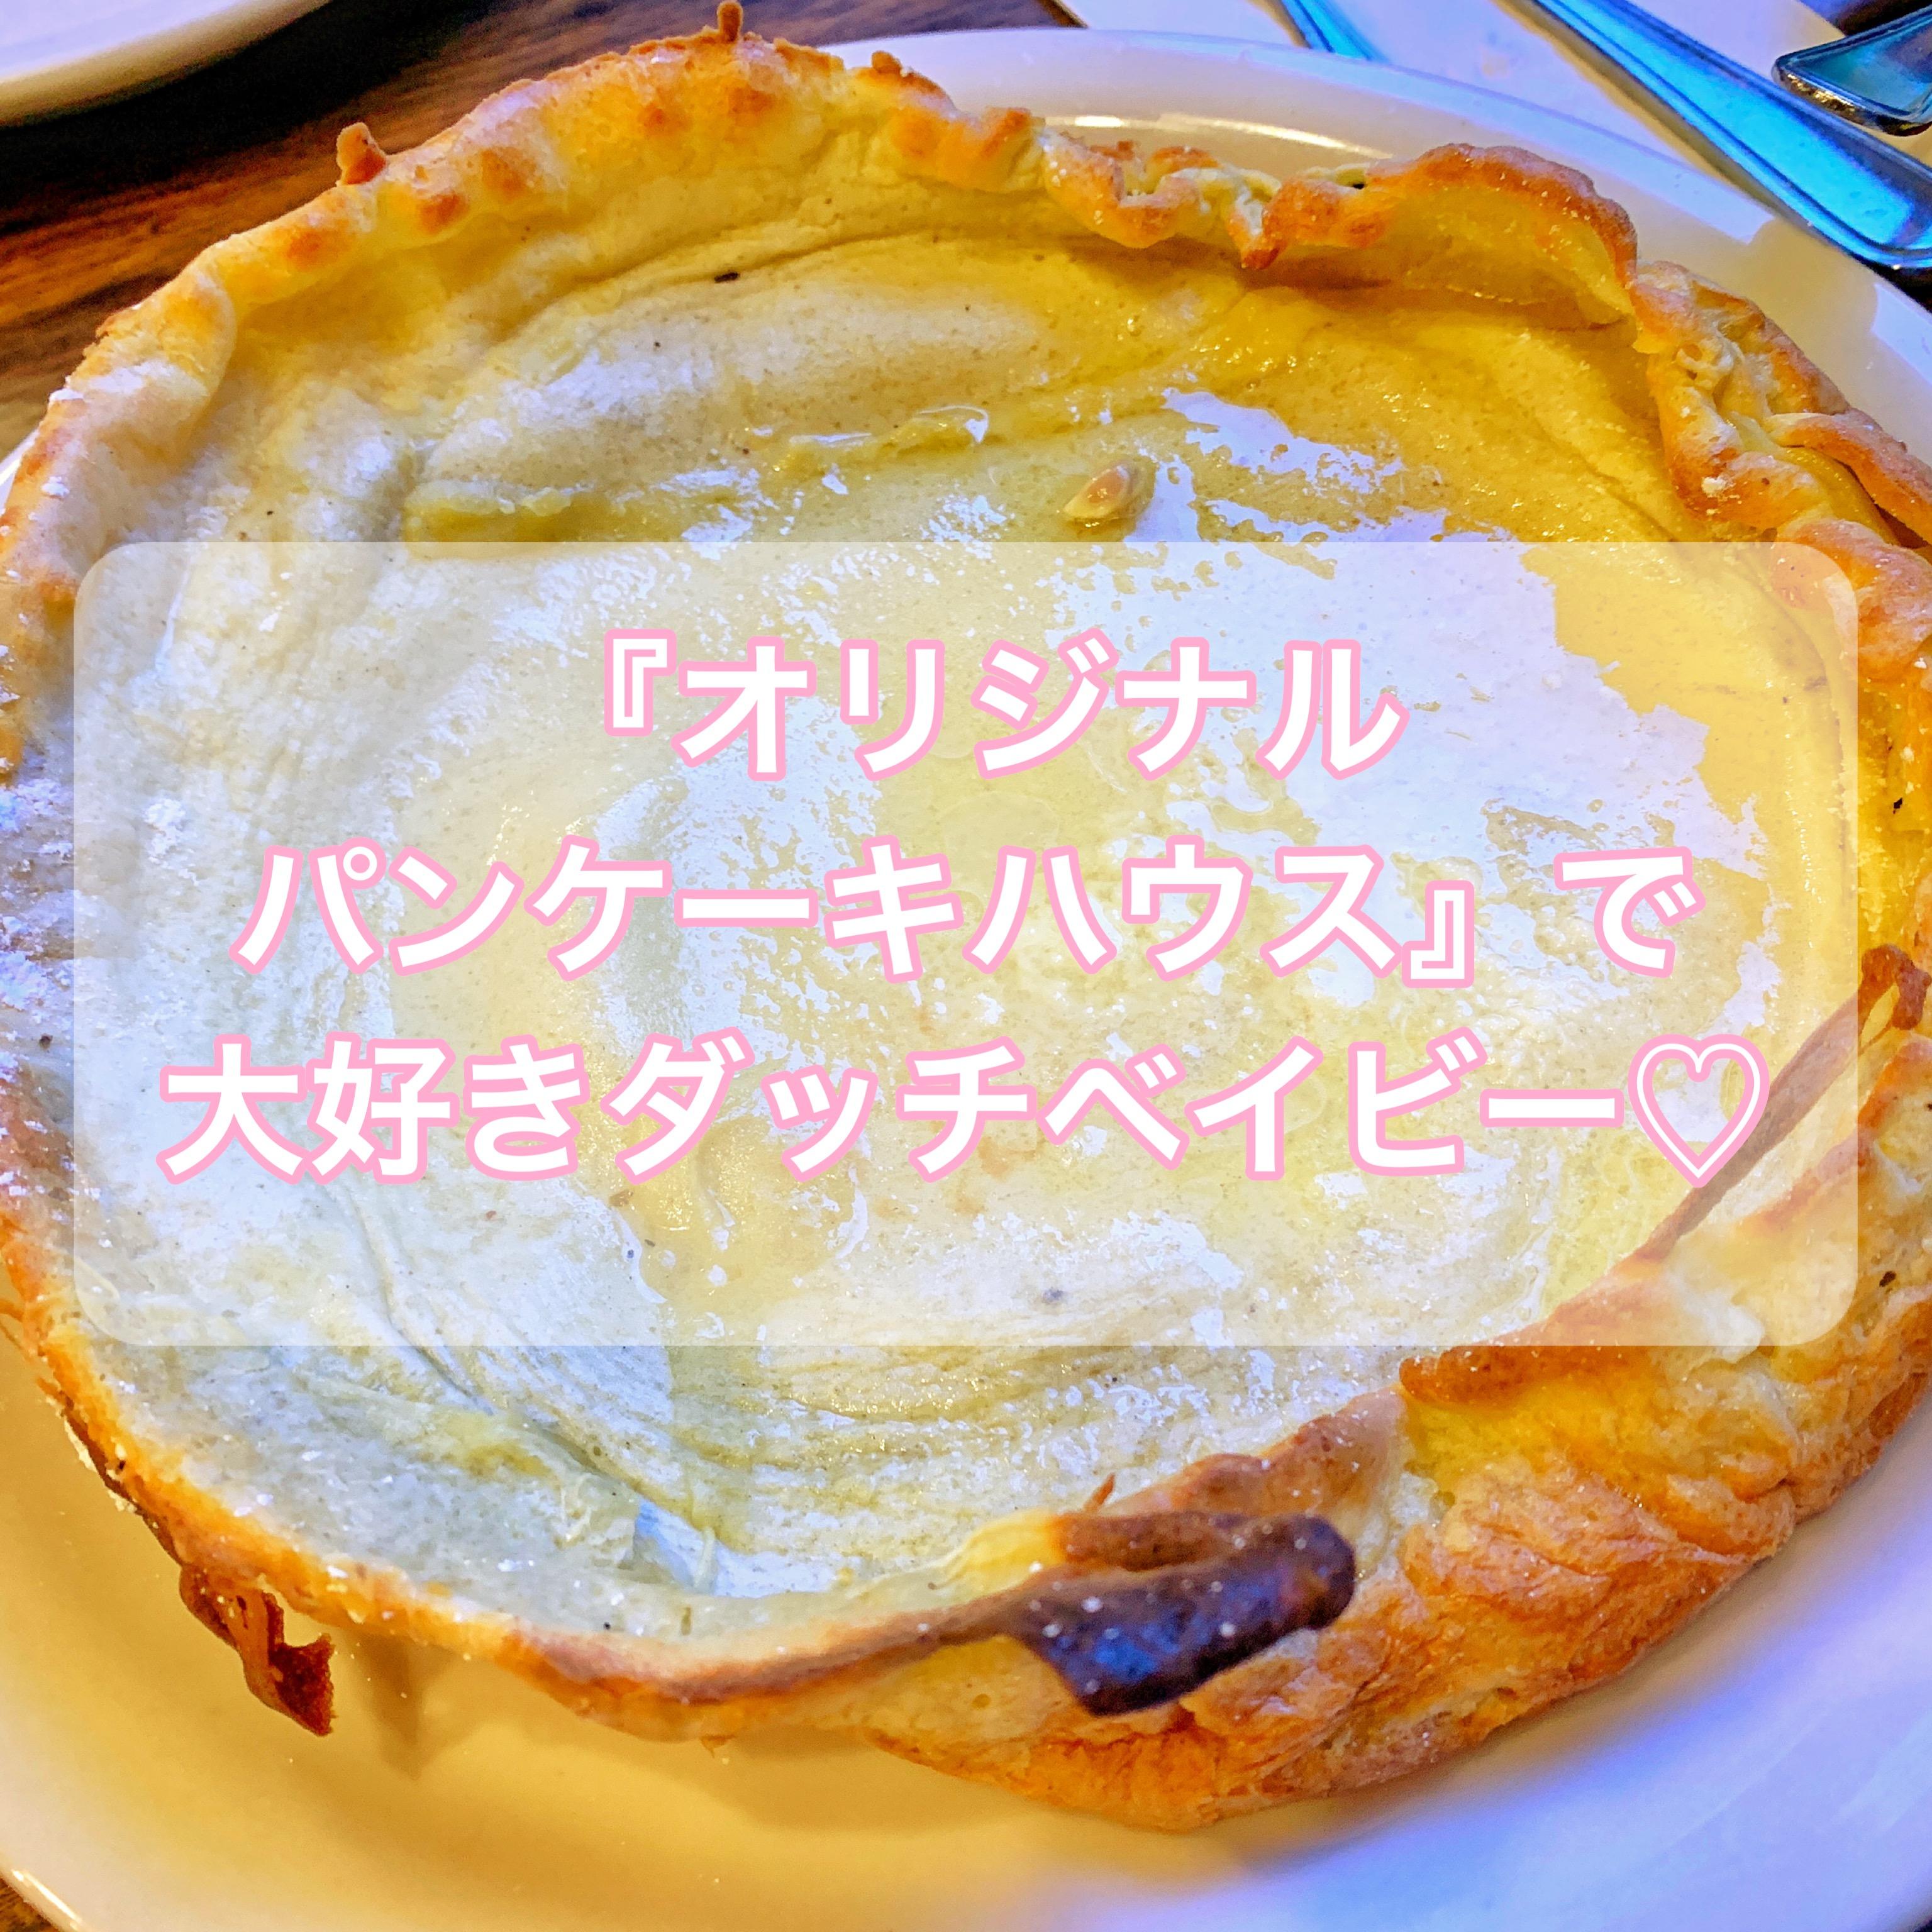 【ハワイスイーツ】「オリジナル・パンケーキ・ハウス」でダッチベイビー【場所】